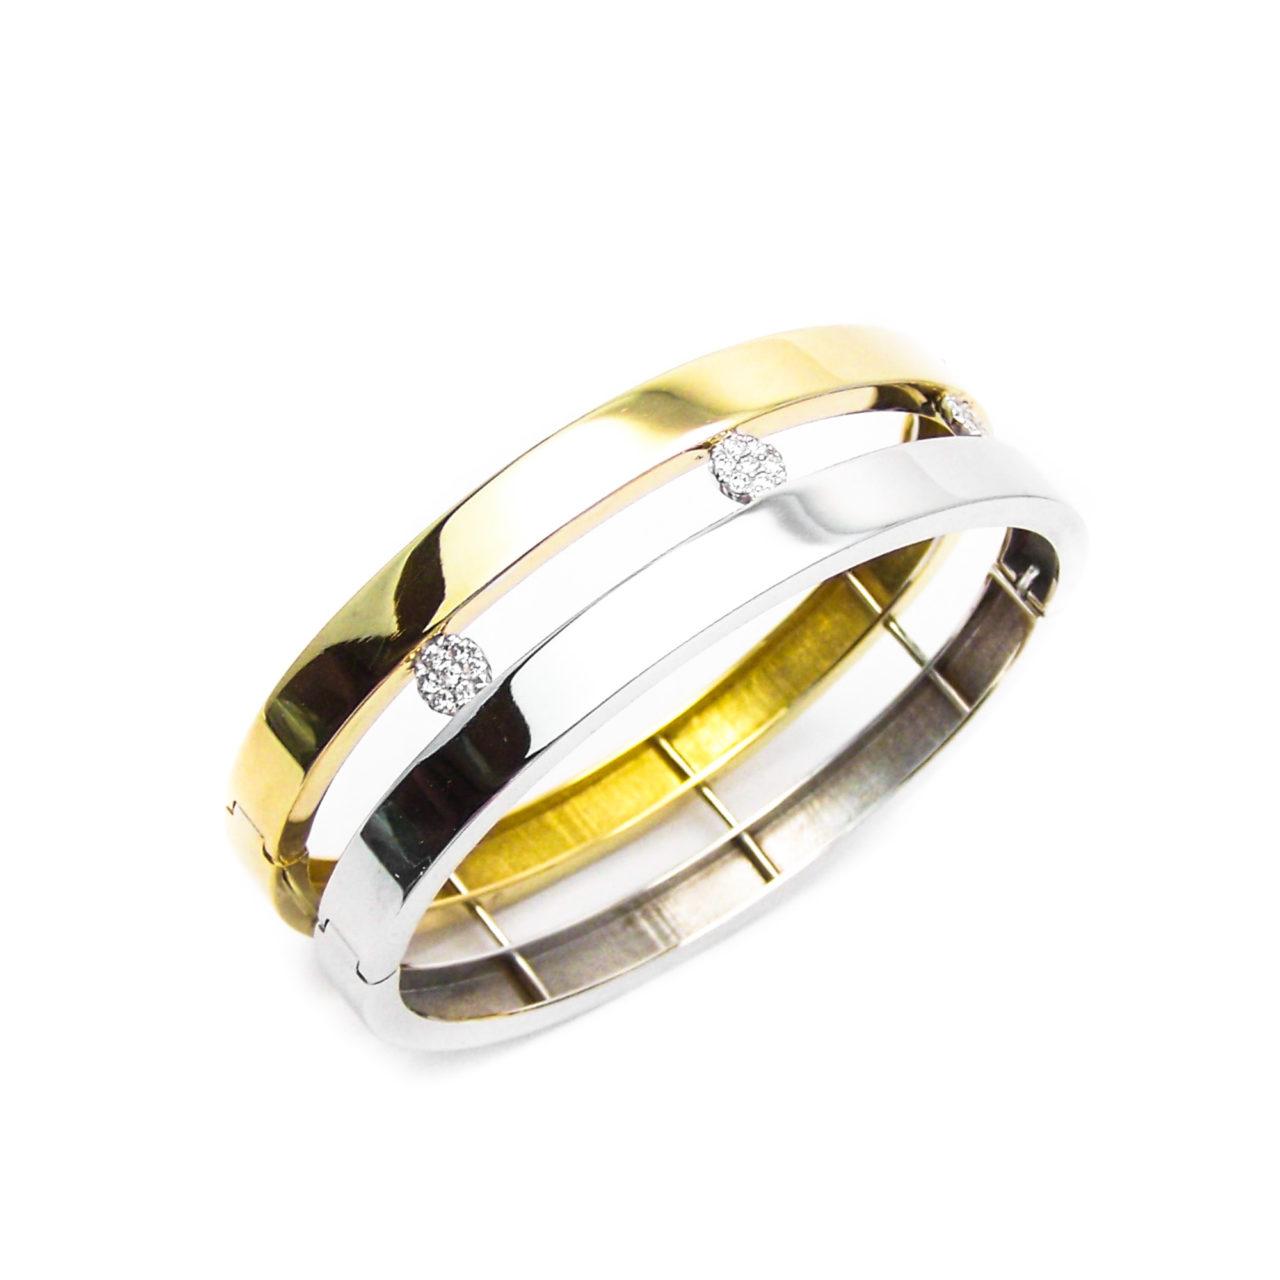 bijoutier Boucles d'oreilles bracelets lyon (6)